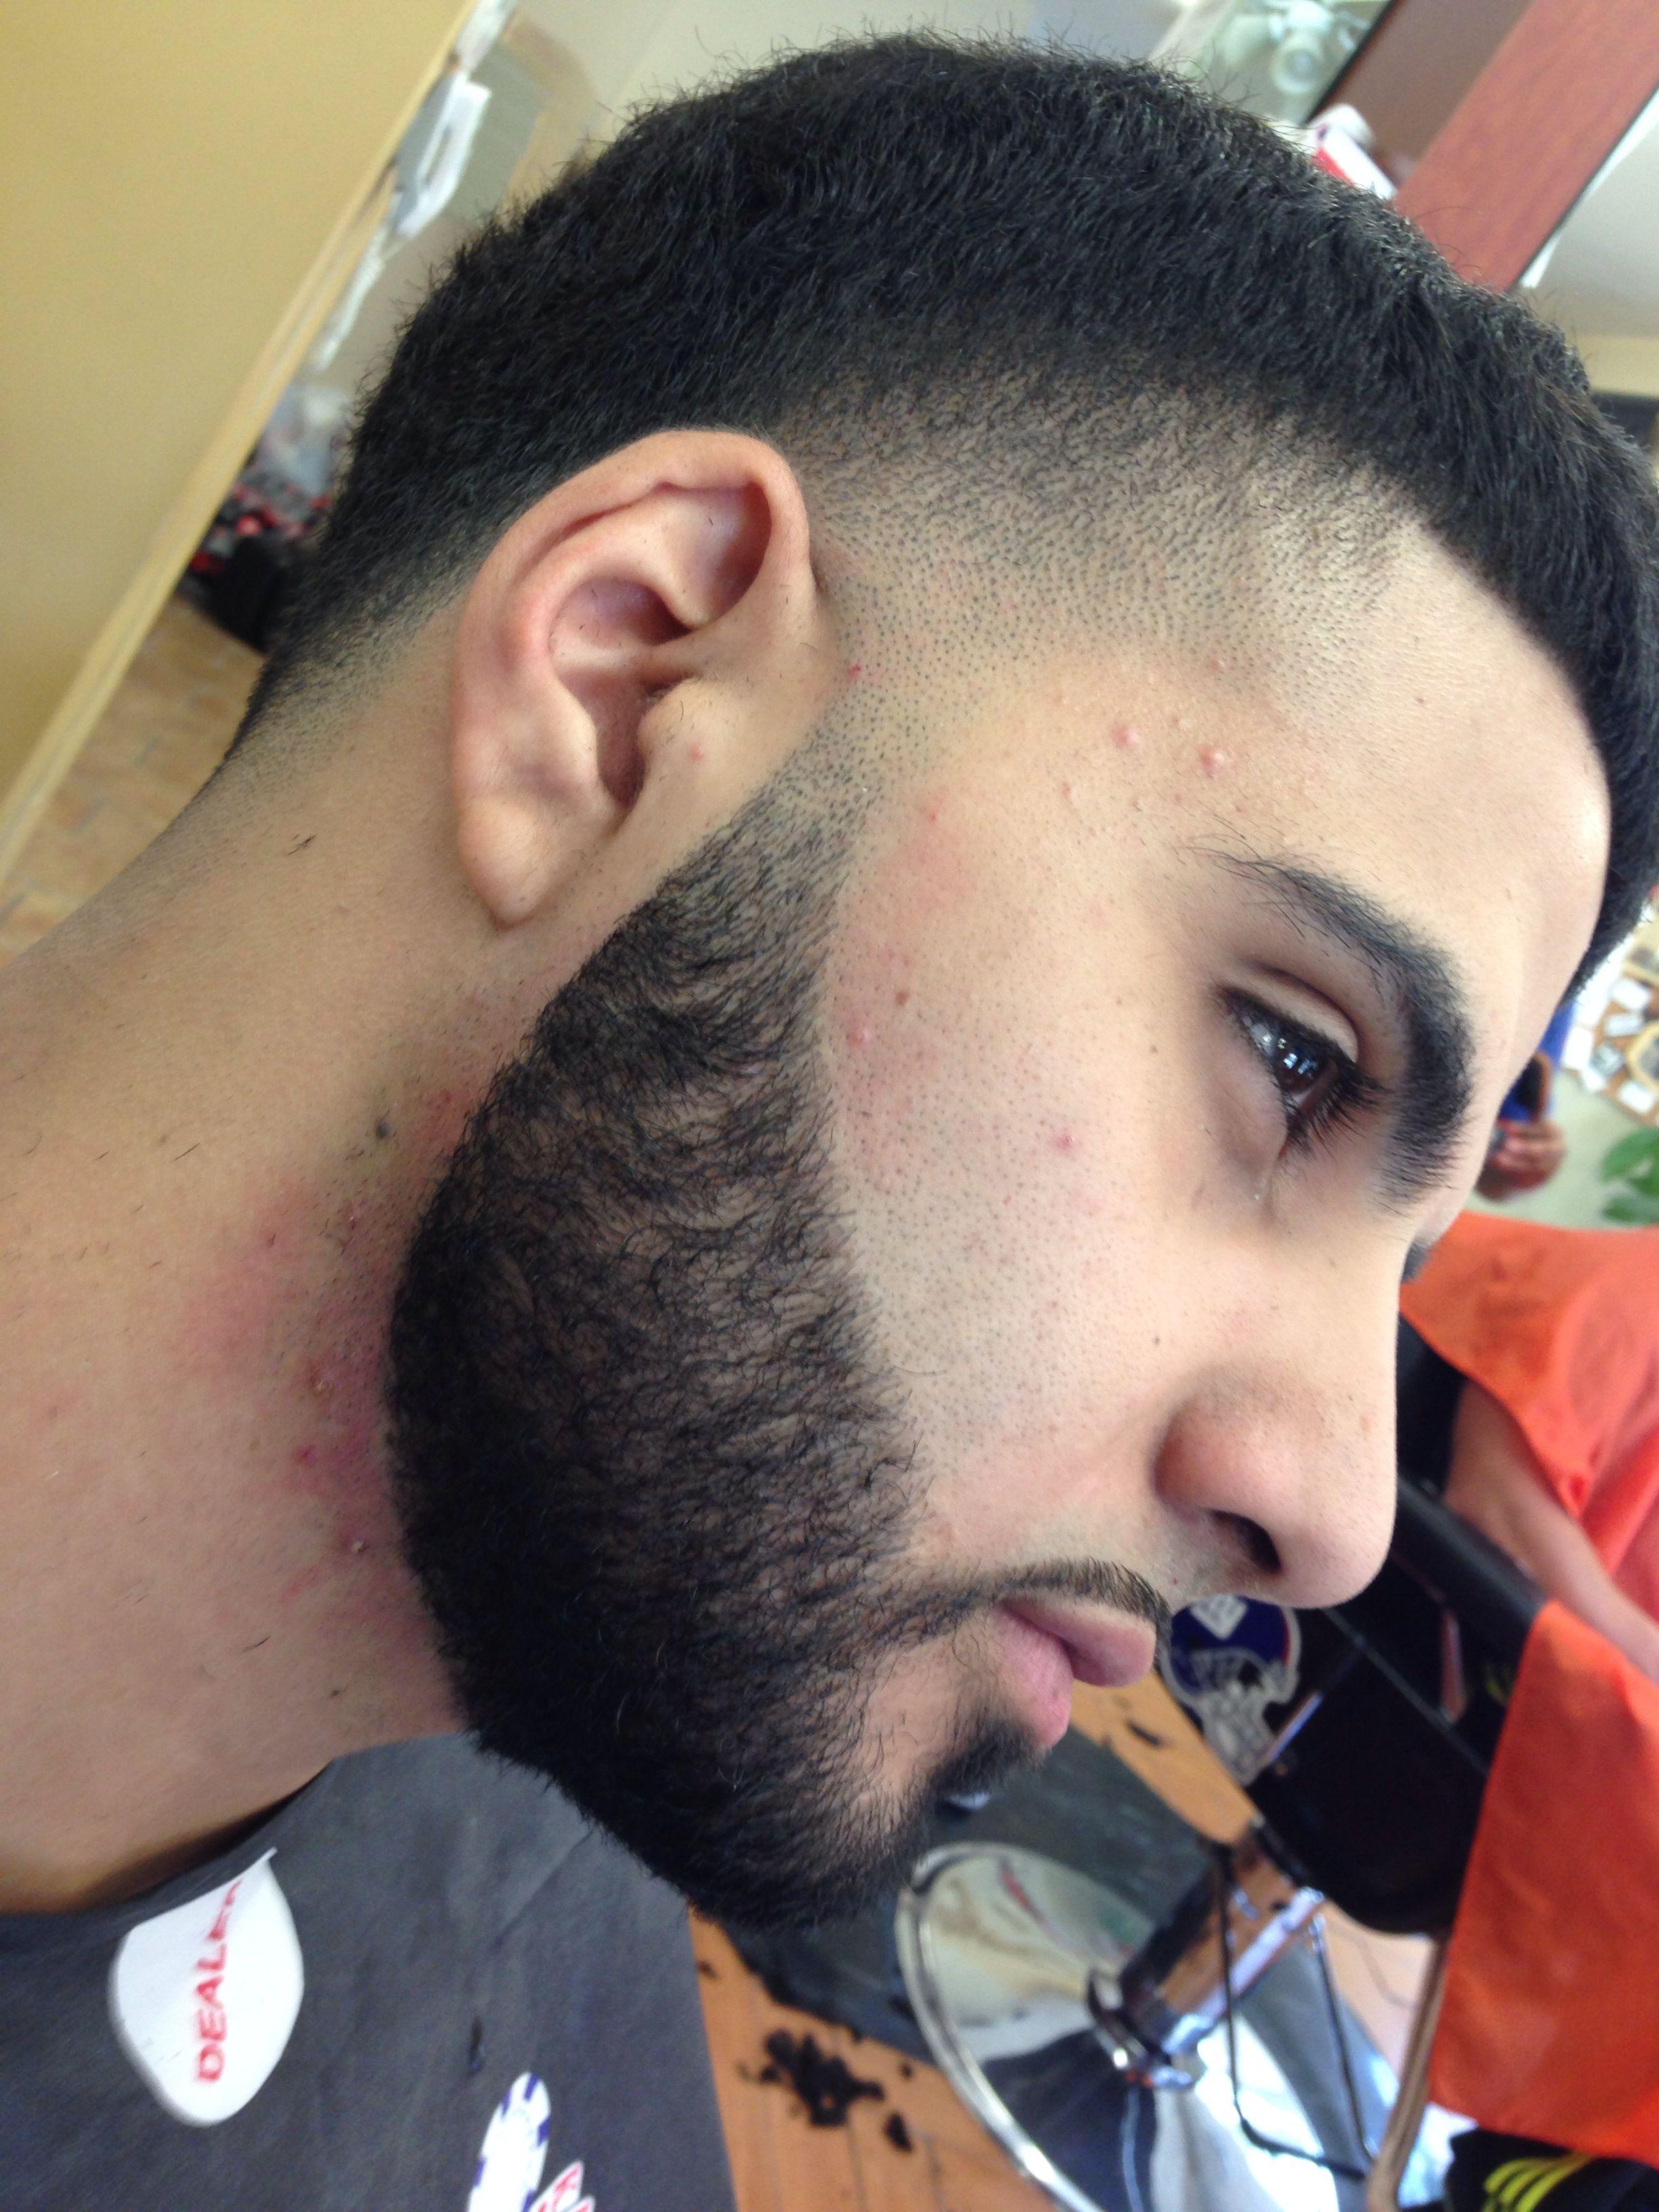 Full Beard Blend Into The Skin Bold Tape Up Dannys Barber Life